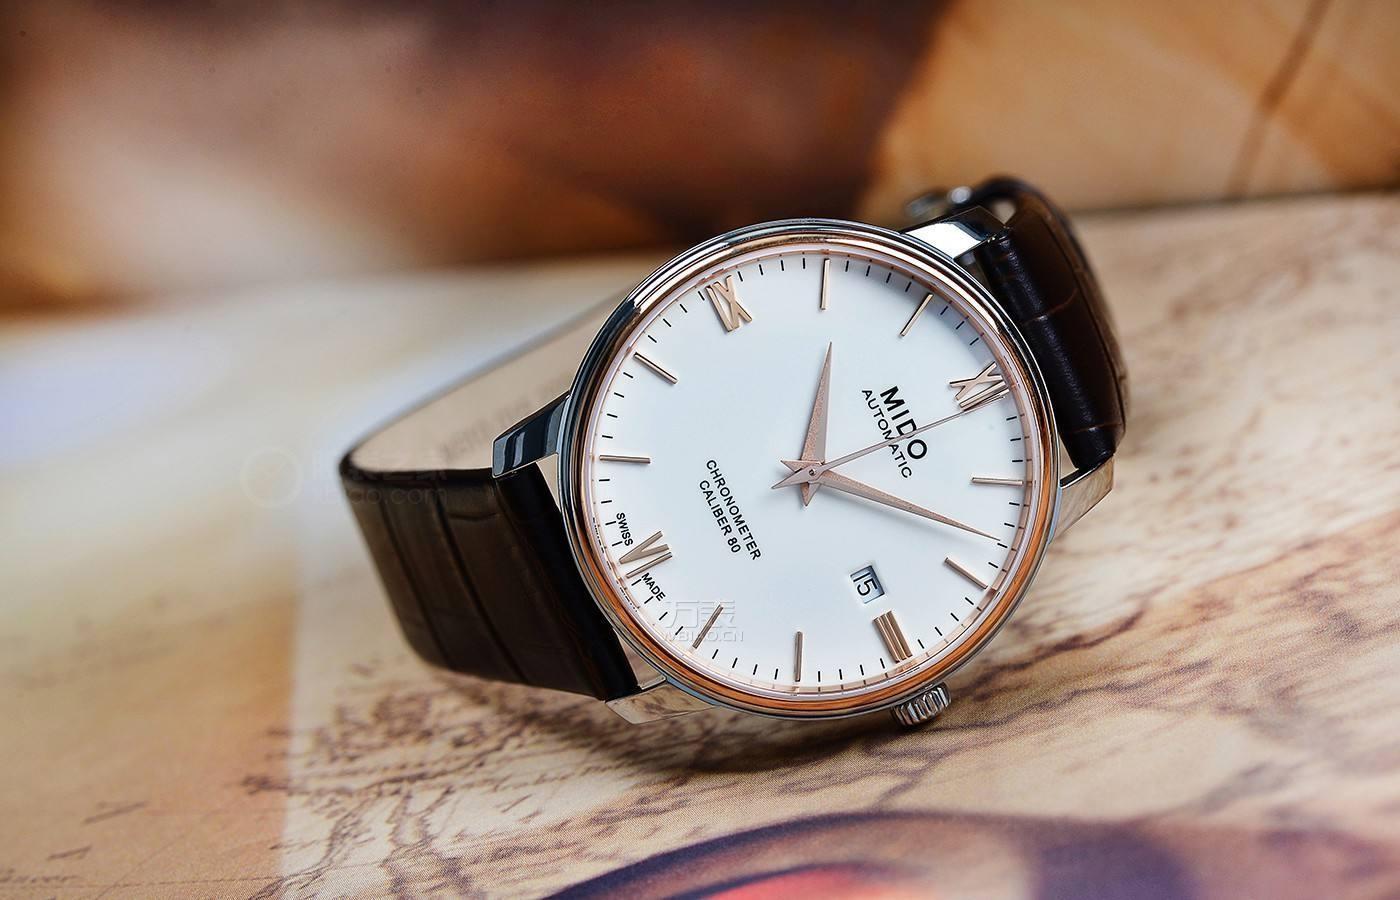 美度手表受磁了怎么办?美度手表受磁后如何保养